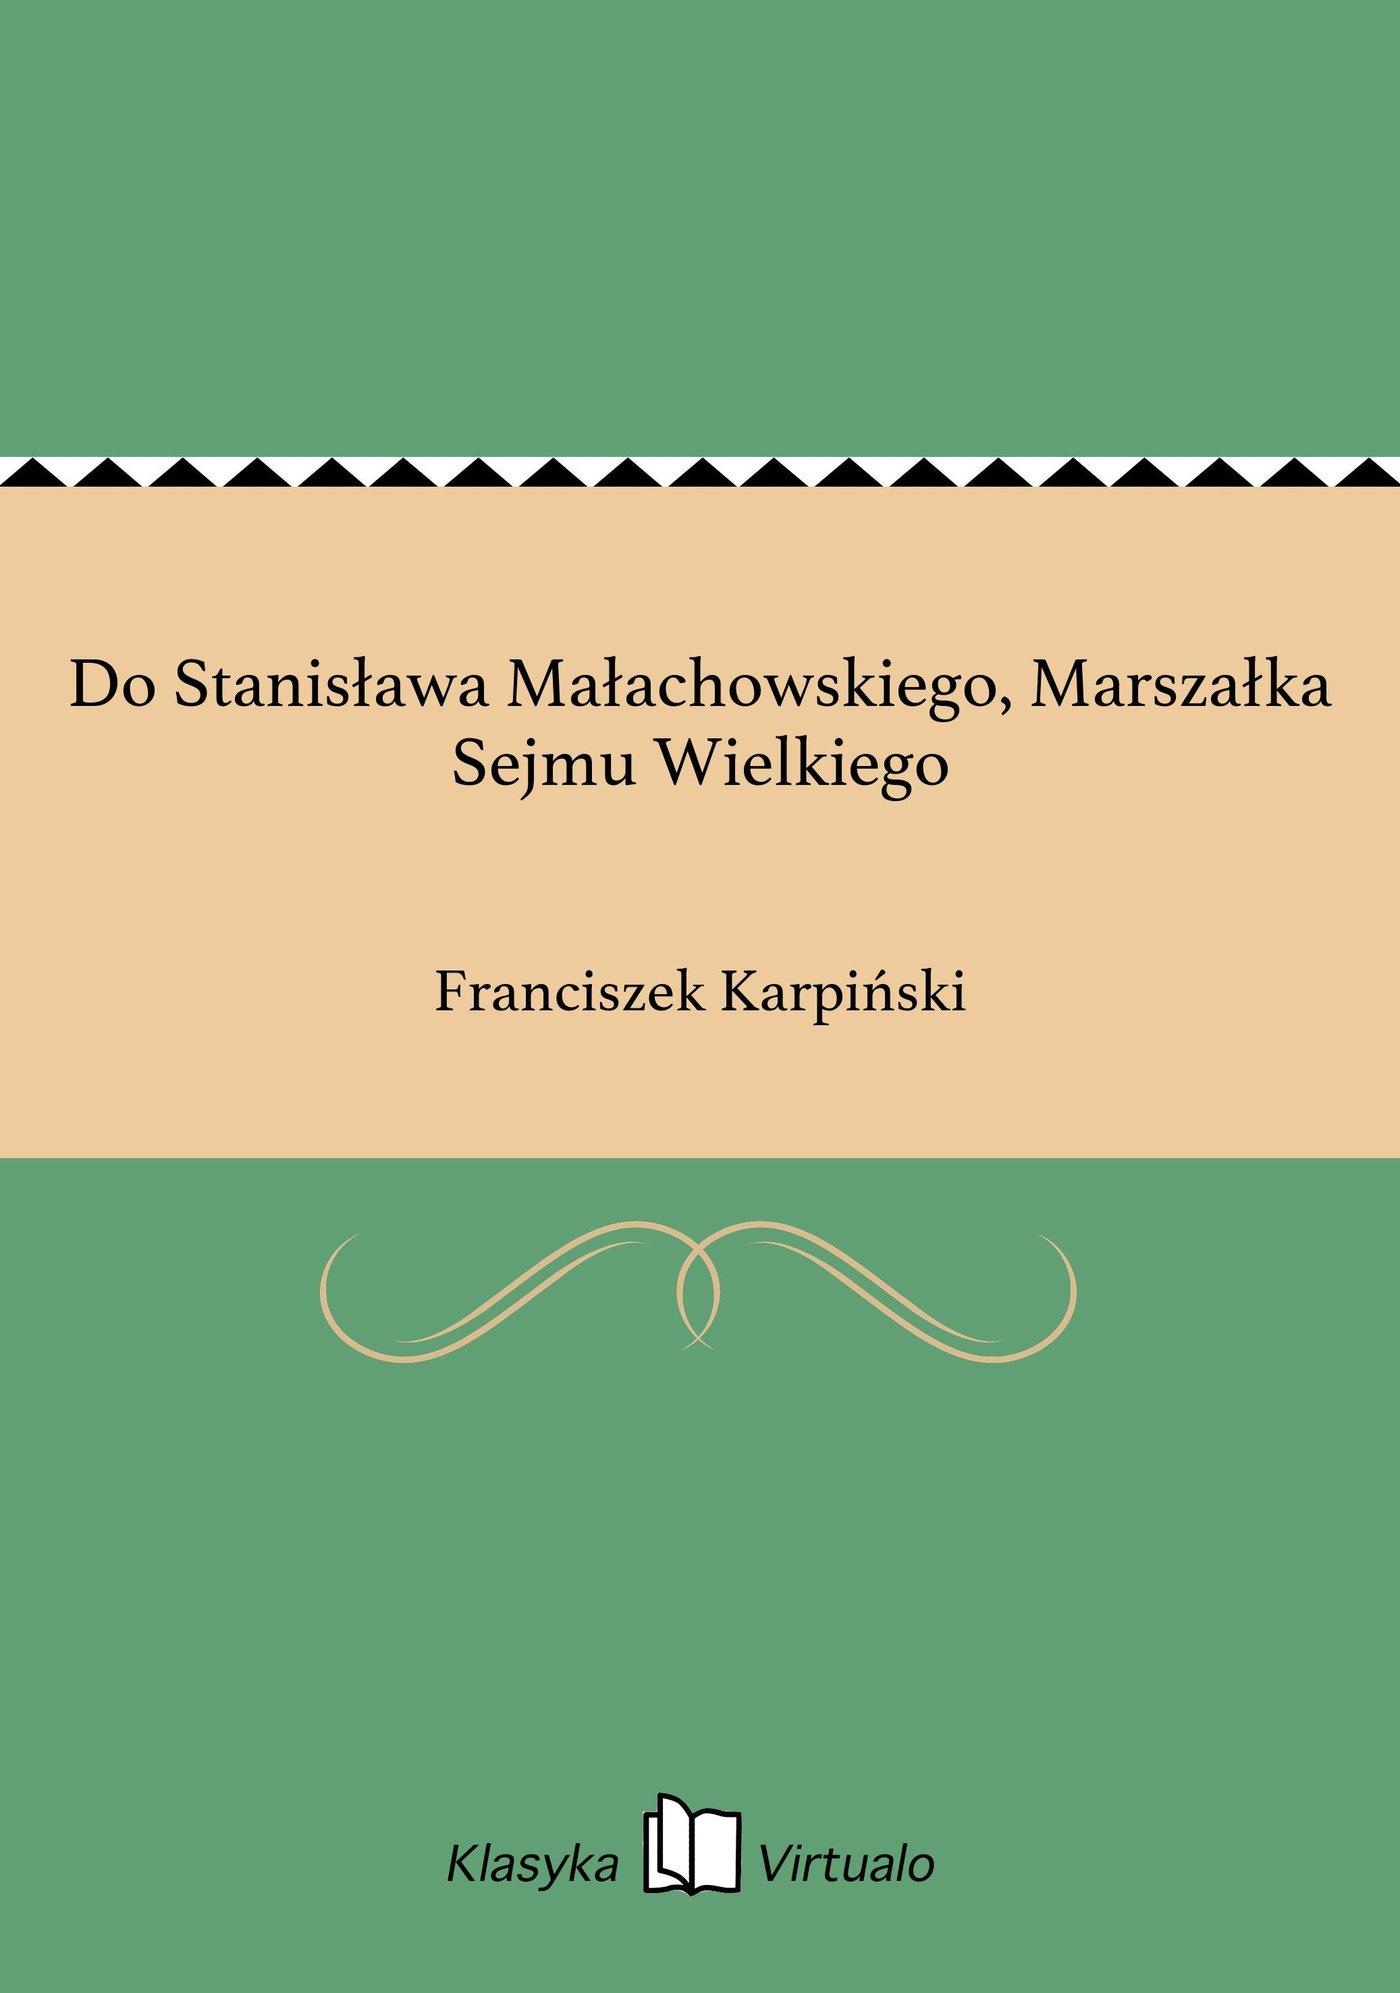 Do Stanisława Małachowskiego, Marszałka Sejmu Wielkiego - Ebook (Książka EPUB) do pobrania w formacie EPUB